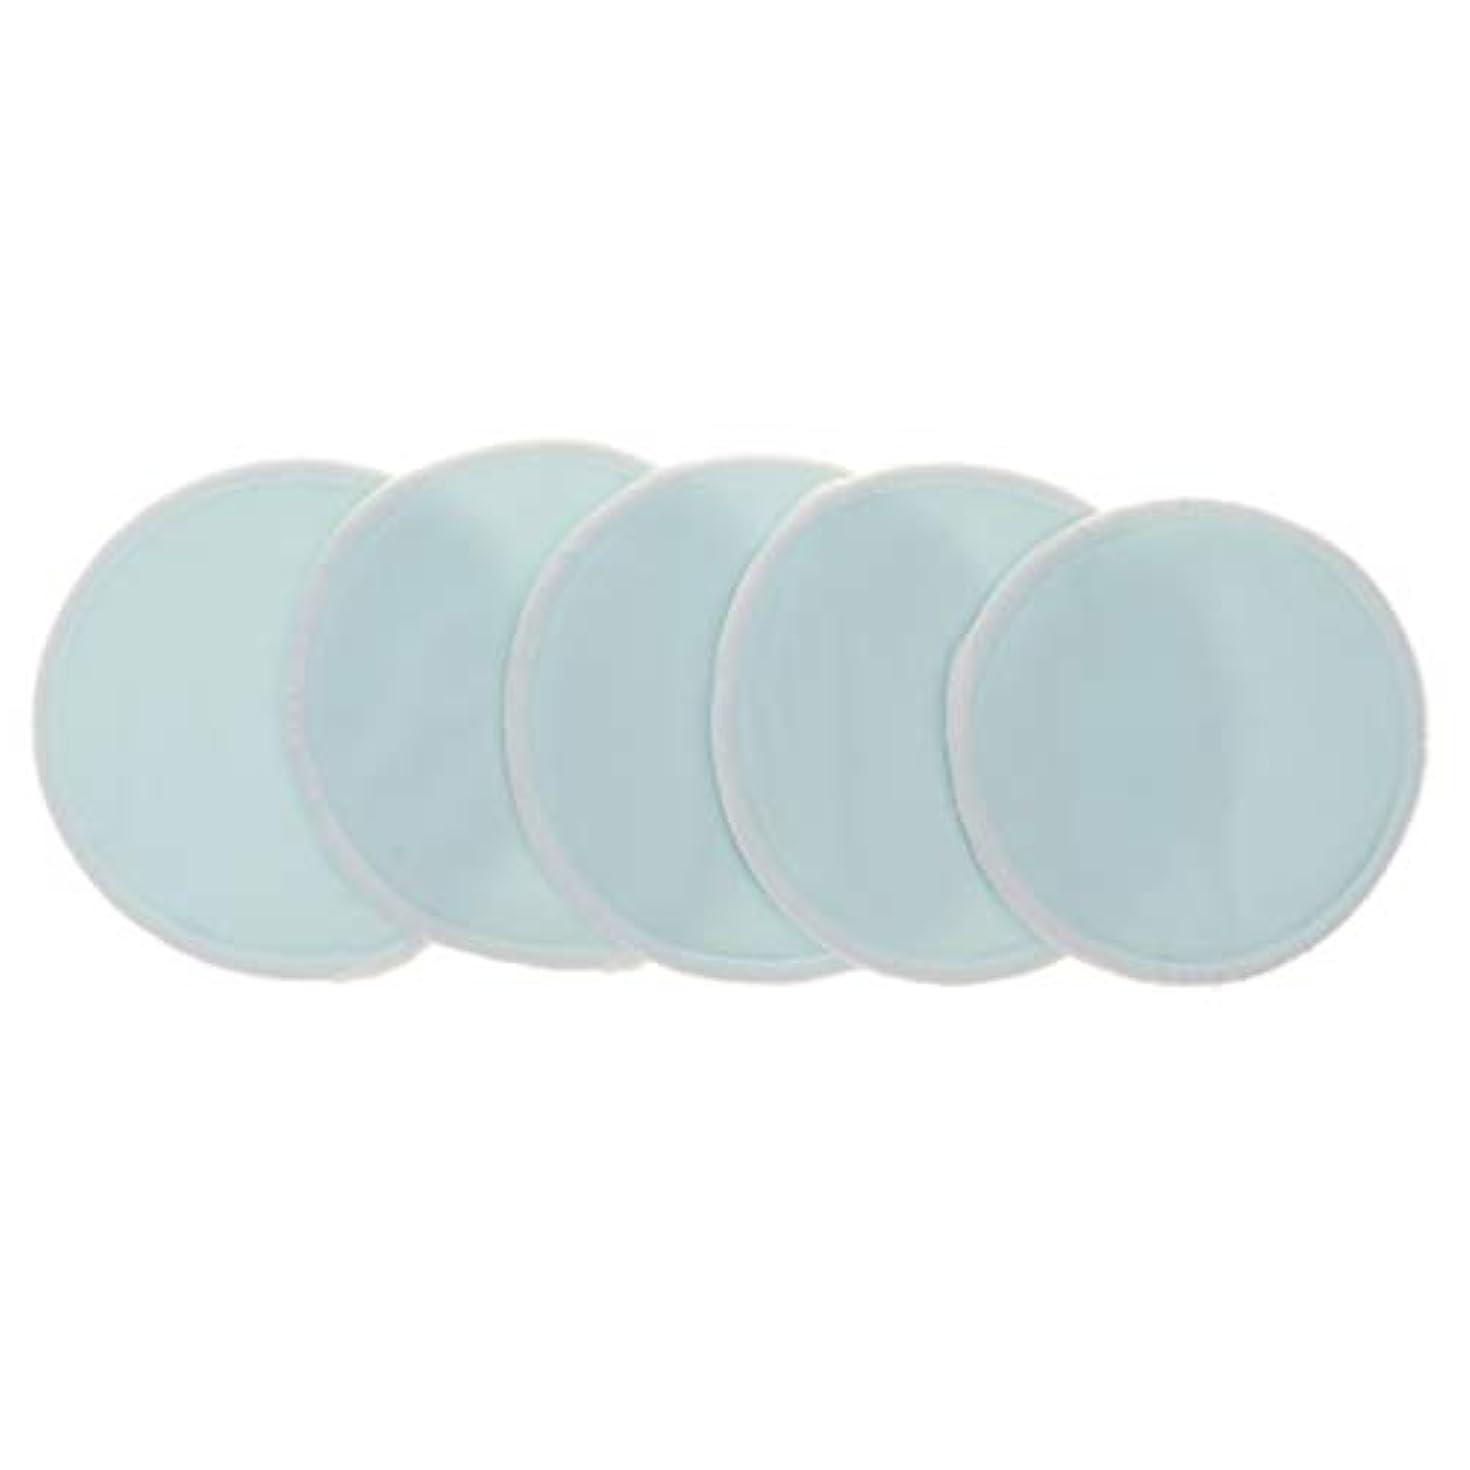 根絶する四改革KESOTO 全5色 胸パッド クレンジングシート メイクアップ 竹繊維 12cm 洗える 再使用可 実用的 5個入 - 青